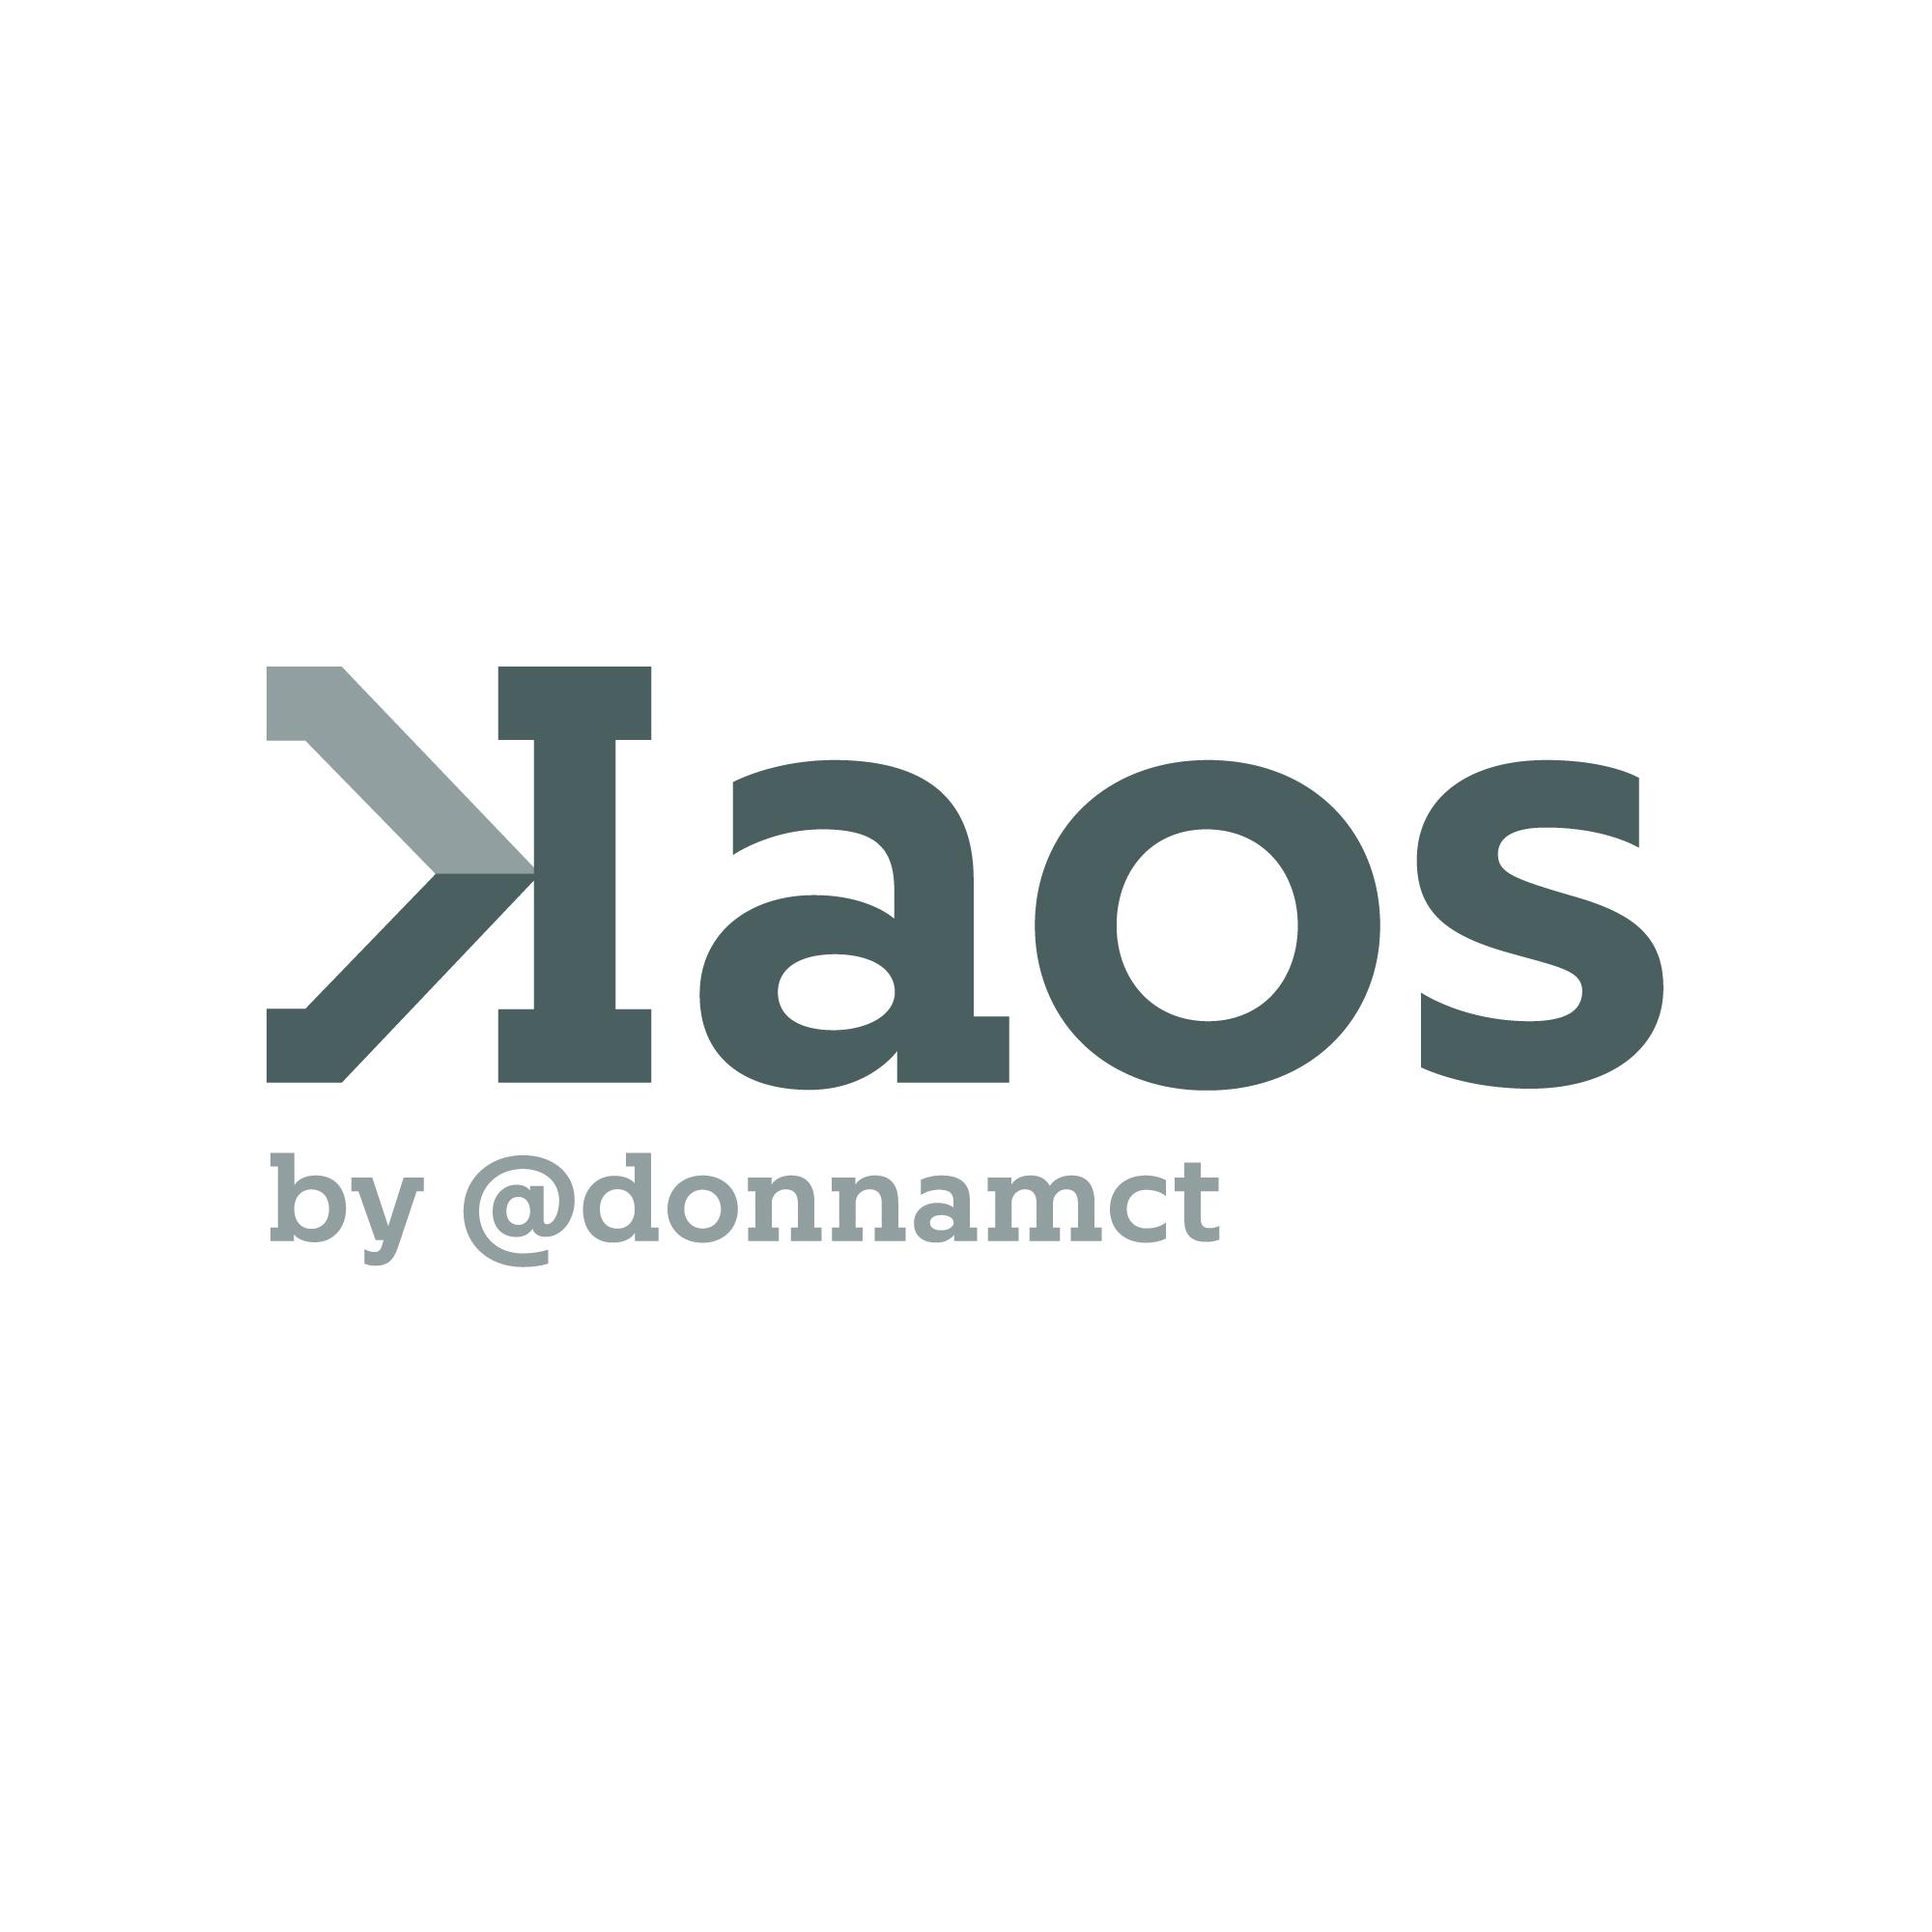 kaos-logo-square-whiteBGD.jpg